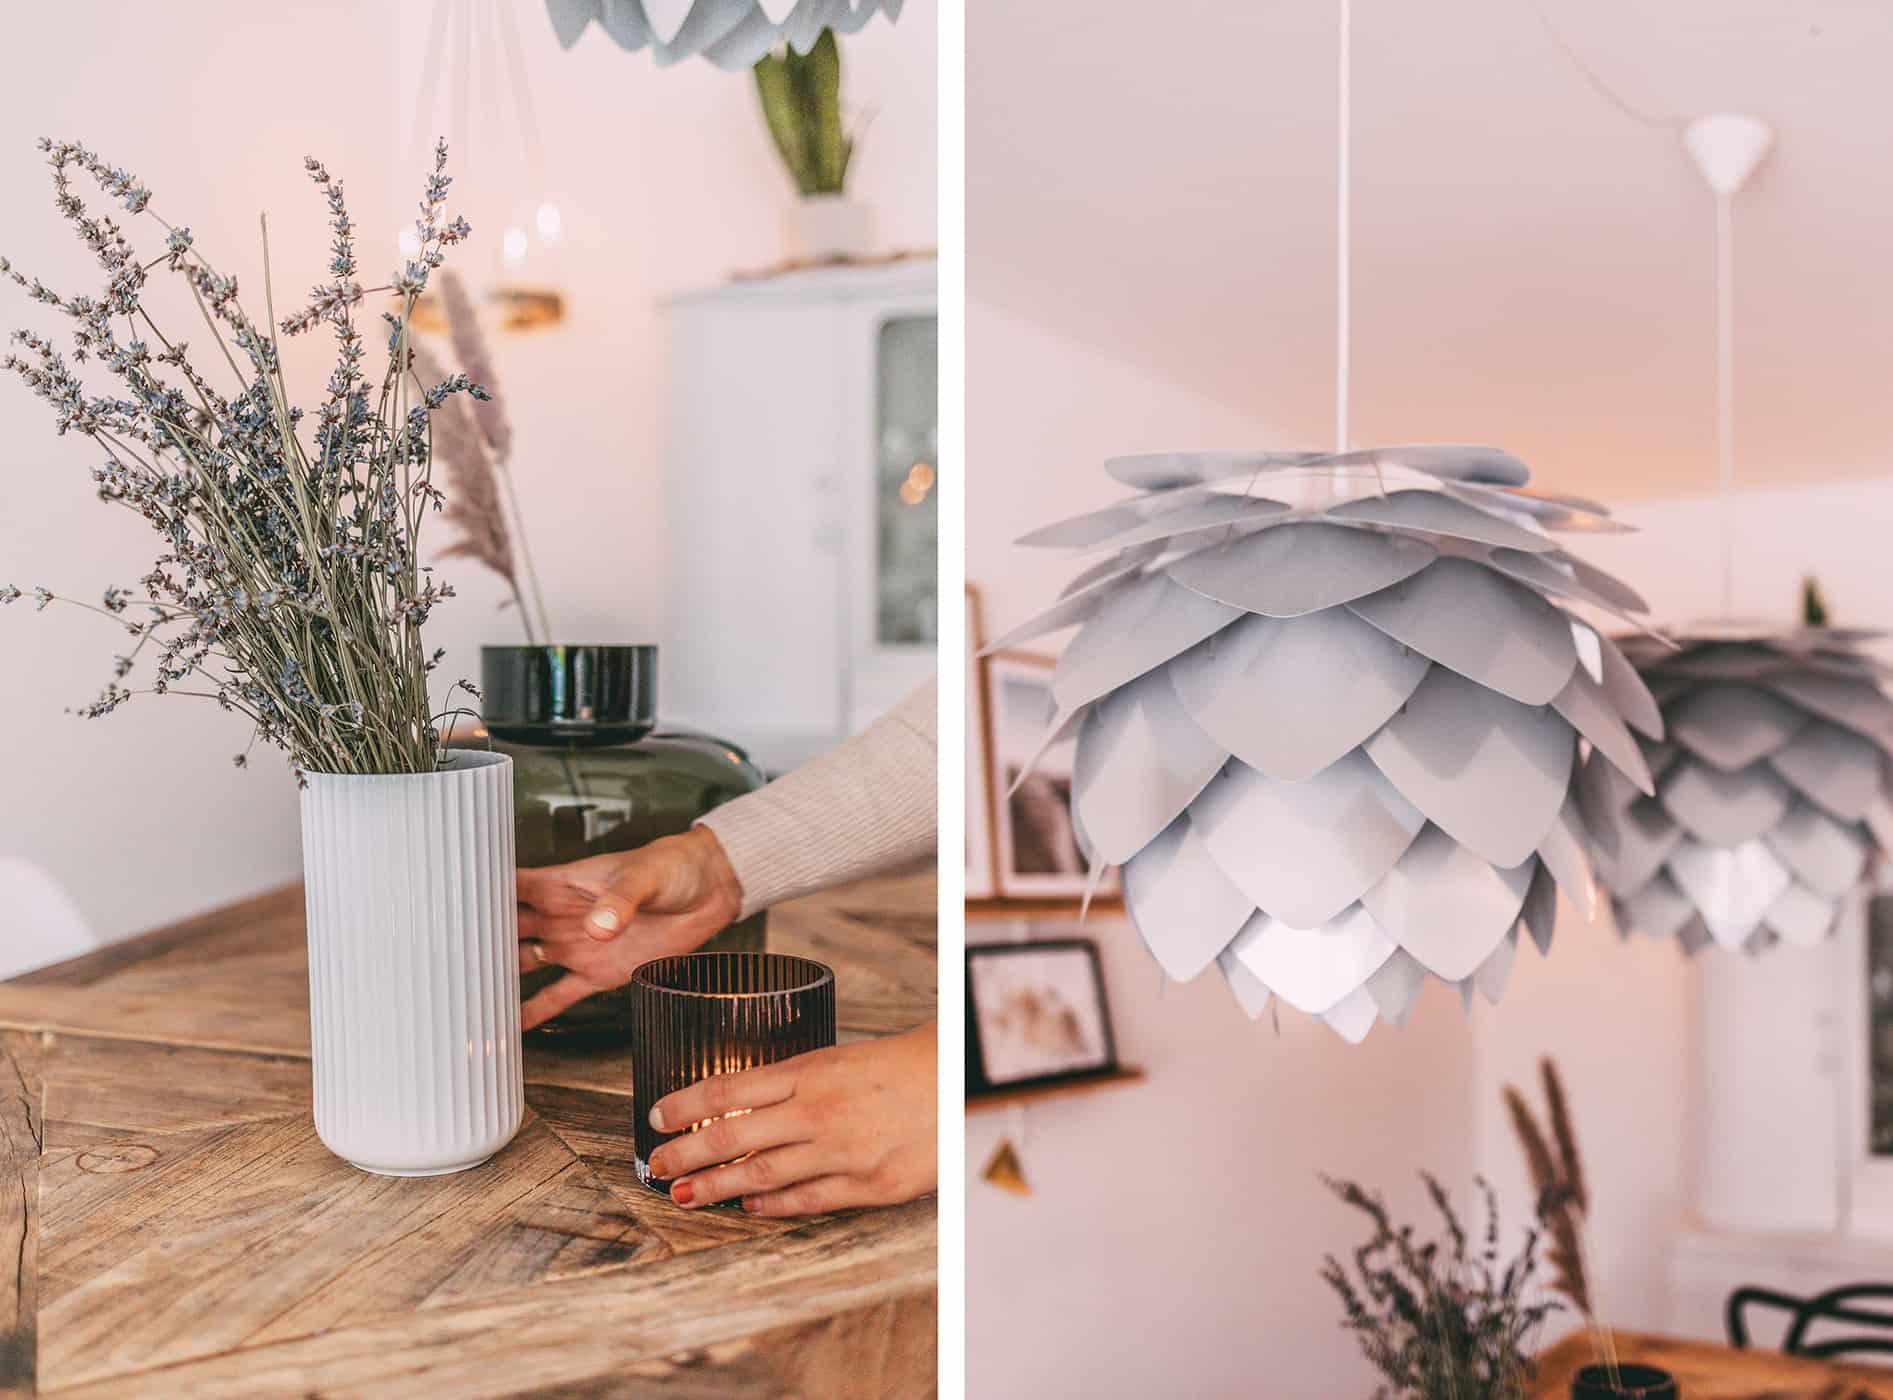 Blumenvase und Lampe